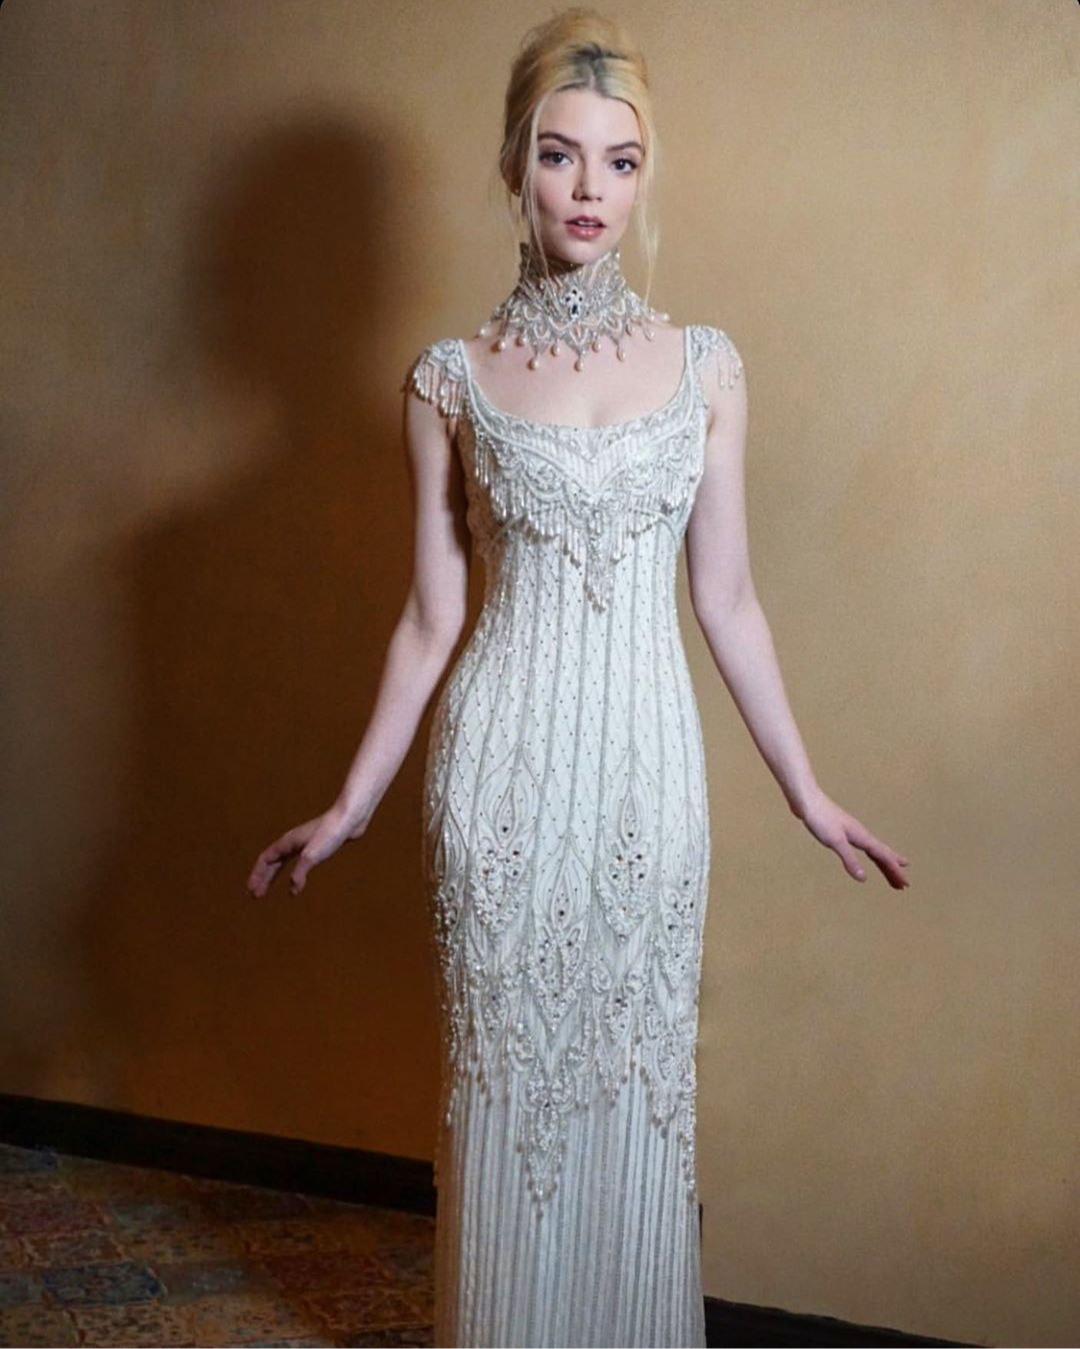 Аня Тейлор-Джой в платье Bob Mackie на премьере фильма «Эмма» в Лос-Анджелесе, 2020